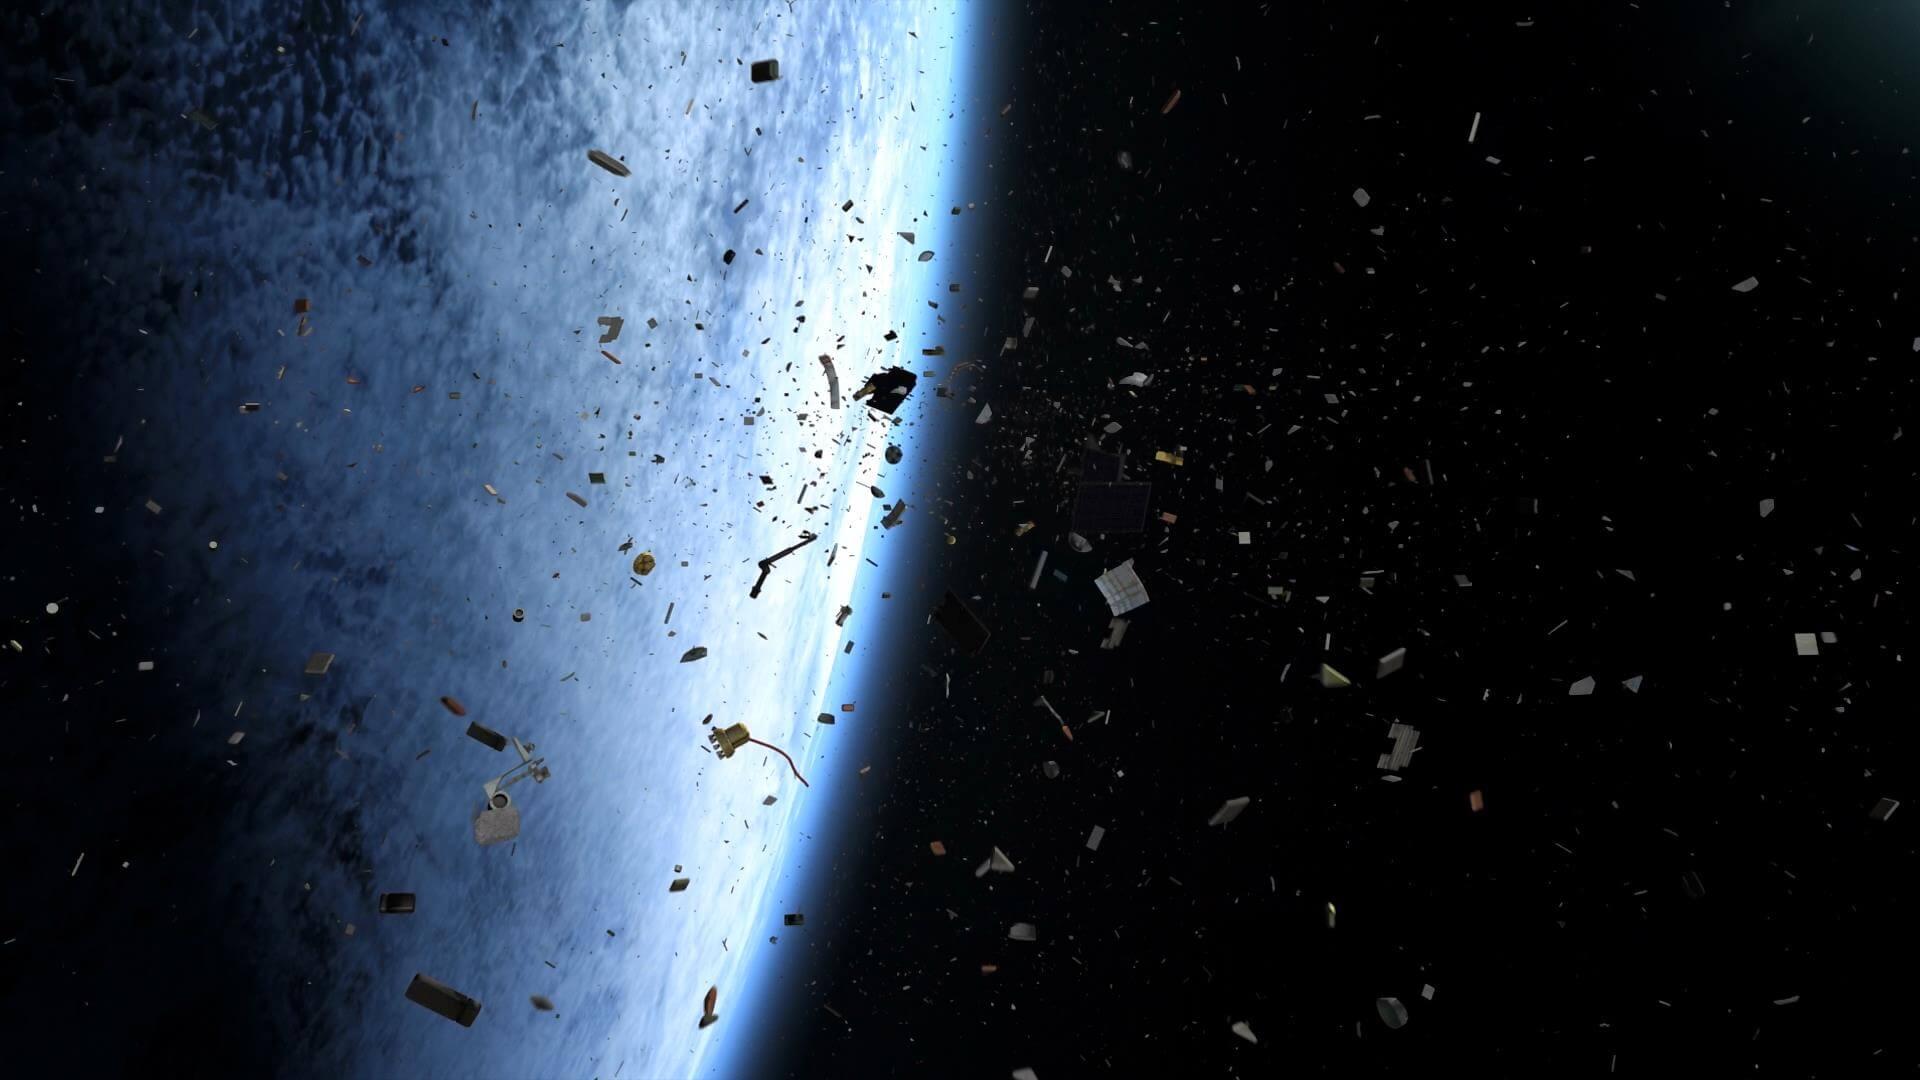 Космический мусор — одна из проблем в космосе